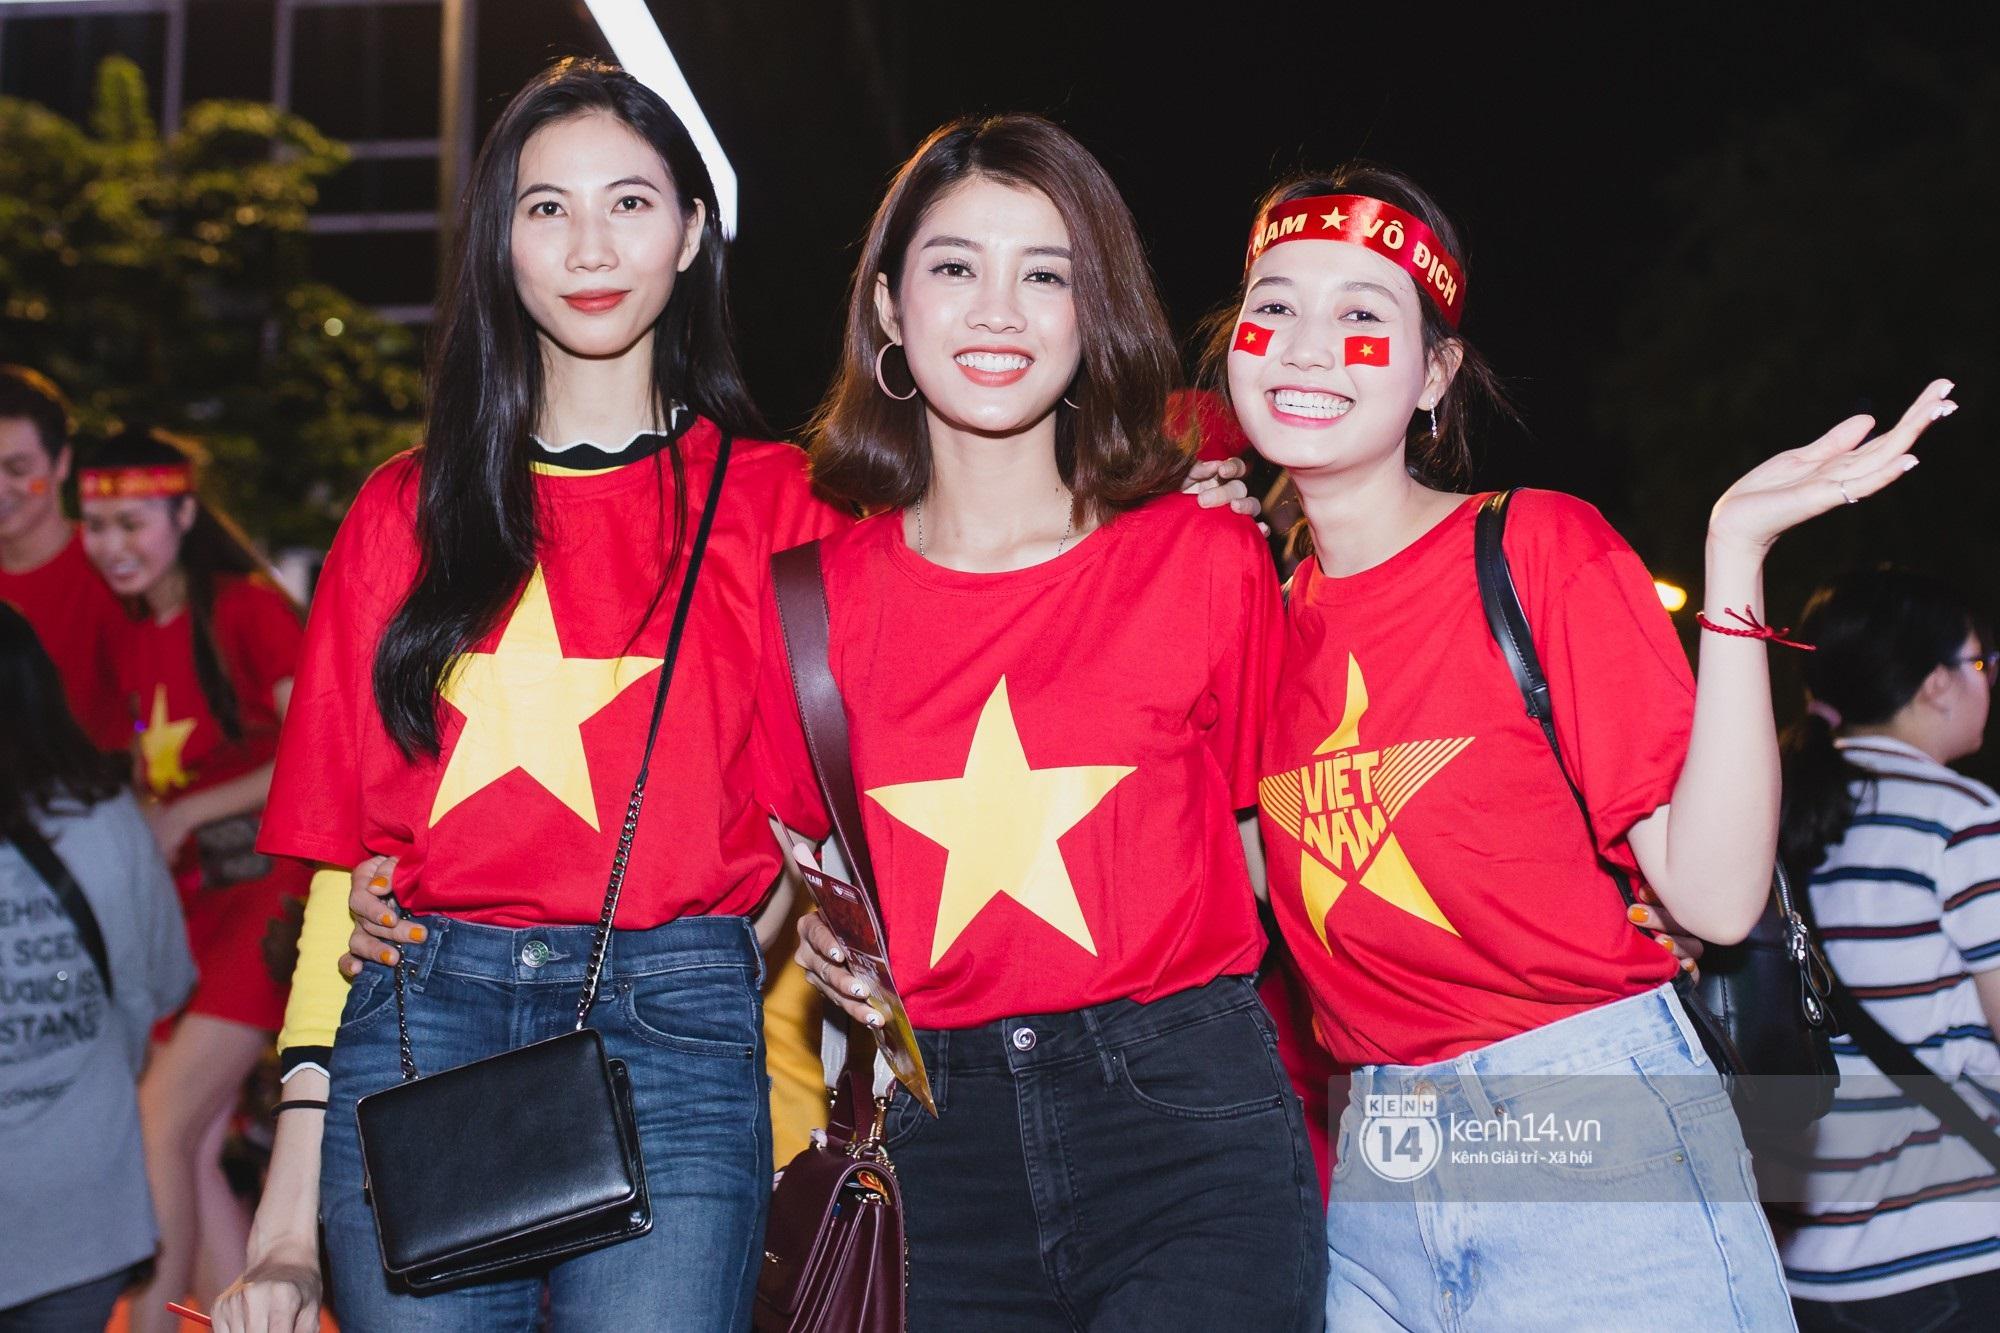 Hào hùng quá Việt Nam ơi, hàng trăm nghệ sĩ cùng cất vang tiếng hát cho trận bóng lịch sử - Ảnh 10